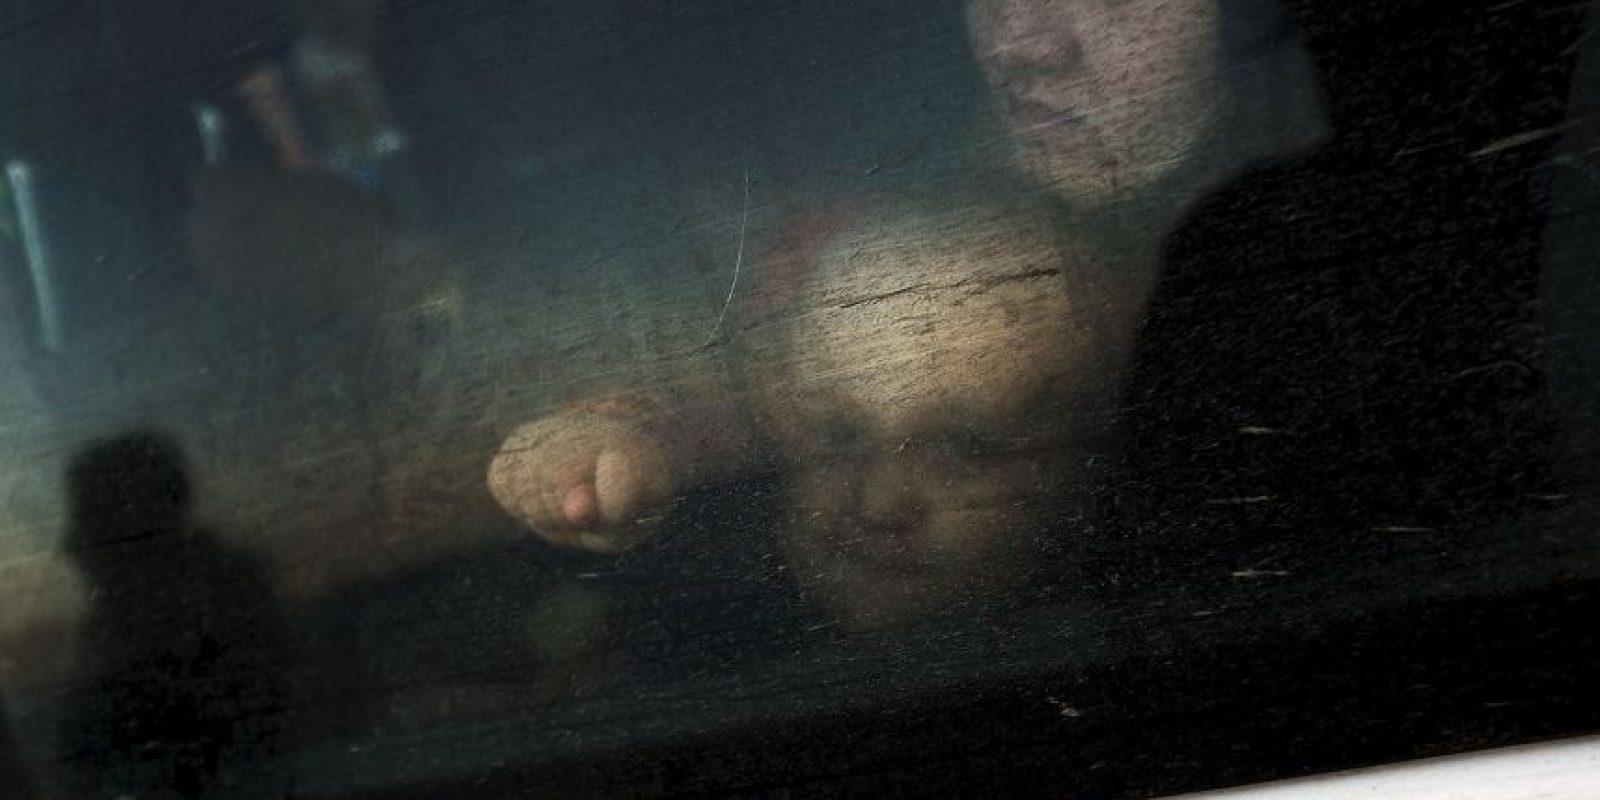 Una de las actividades que financian las operaciones terroristas del grupo Estado Islámico es la trata de personas Foto:Getty Images